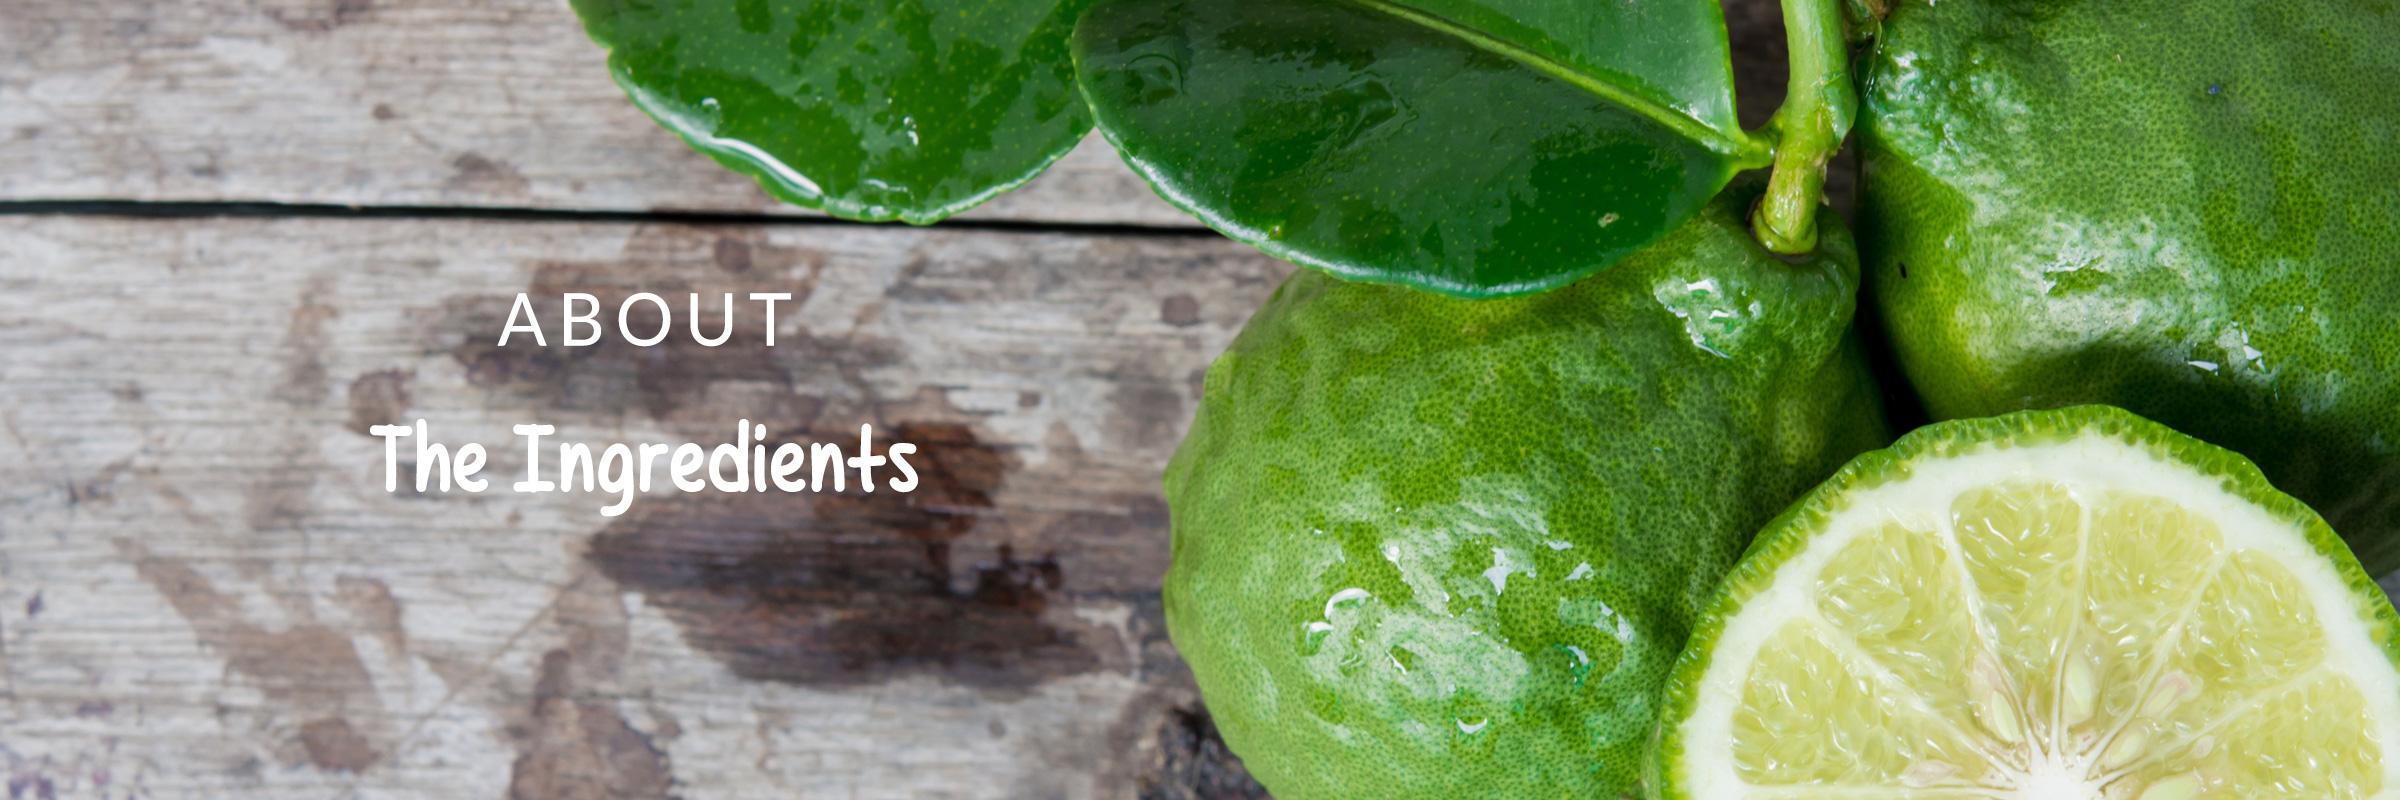 MLS_slider_ingredients_lime